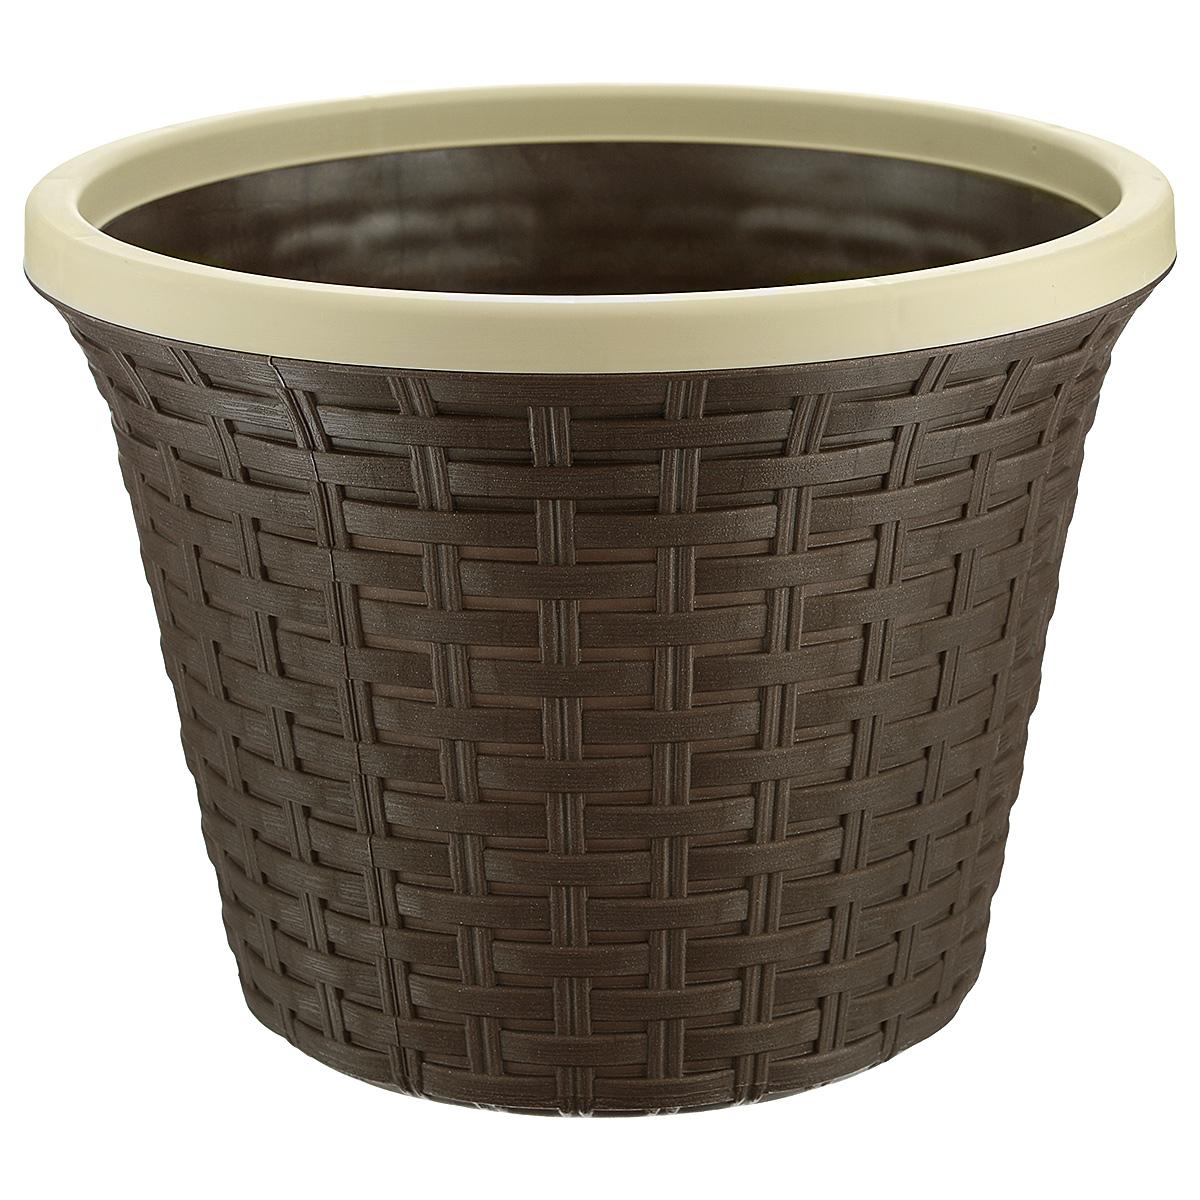 Кашпо Violet Ротанг, с дренажной системой, цвет: коричневый, 6,5 л32650/1Кашпо Violet Ротанг изготовлено из высококачественного пластика и оснащено дренажной системой для быстрого отведения избытка воды при поливе. Изделие прекрасно подходит для выращивания растений и цветов в домашних условиях. Лаконичный дизайн впишется в интерьер любого помещения. Объем: 6,5 л.